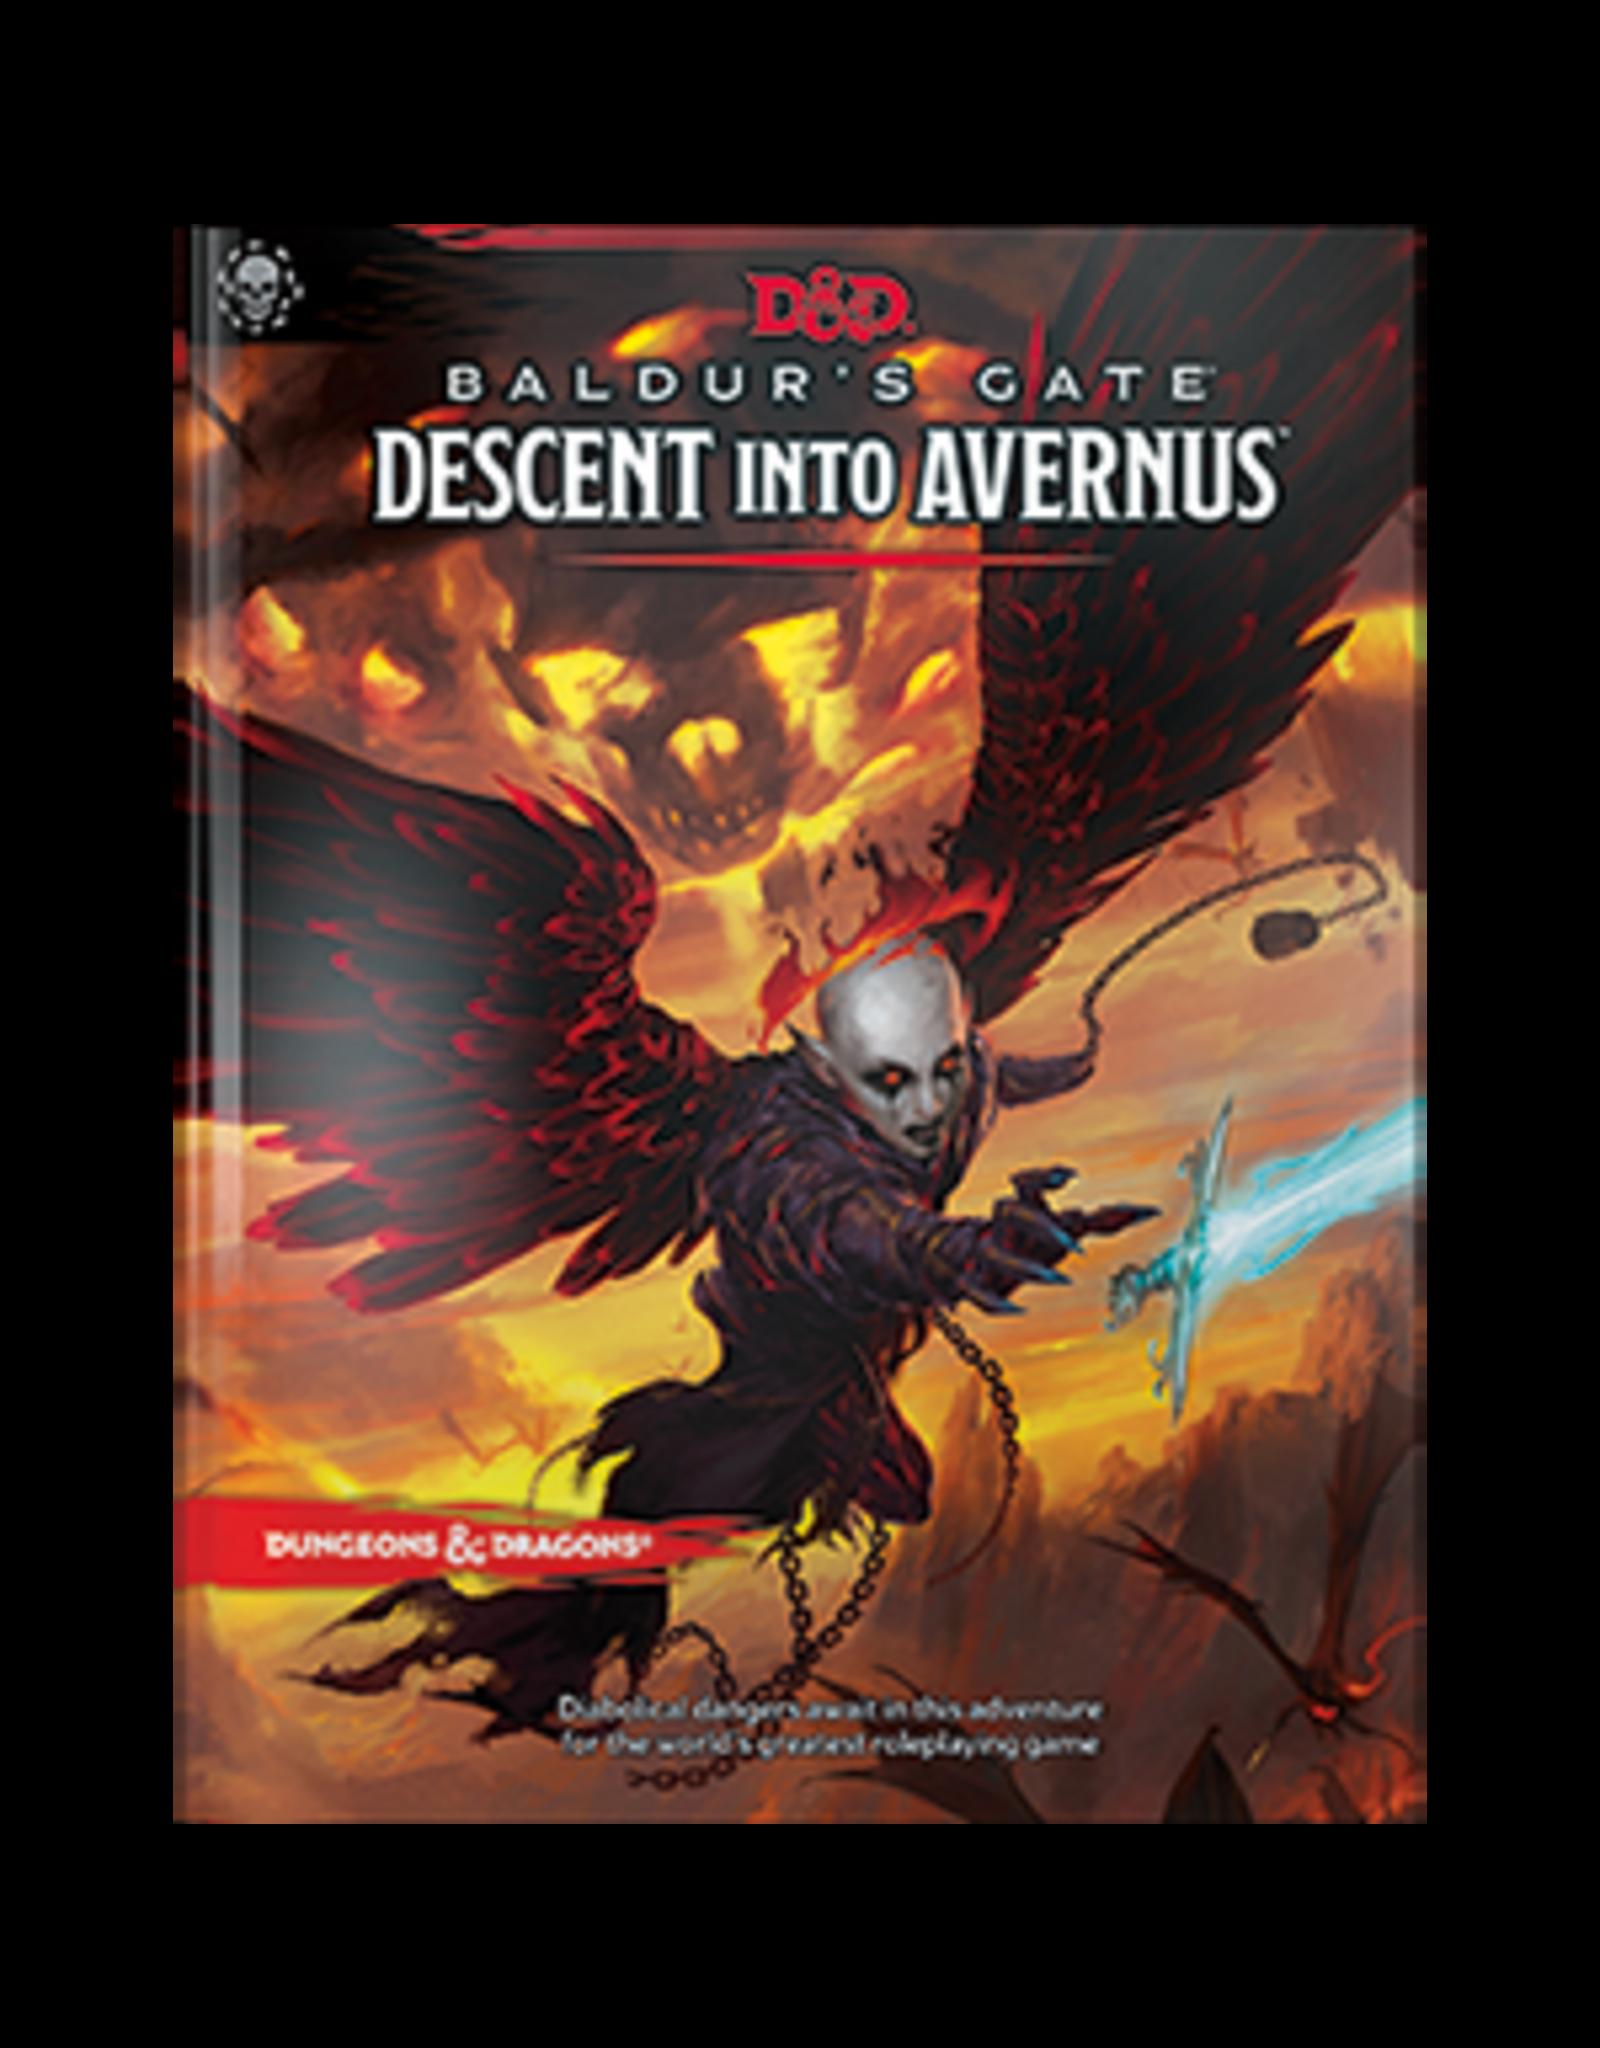 D&D: Baldur's Gate: Descent into Avernus